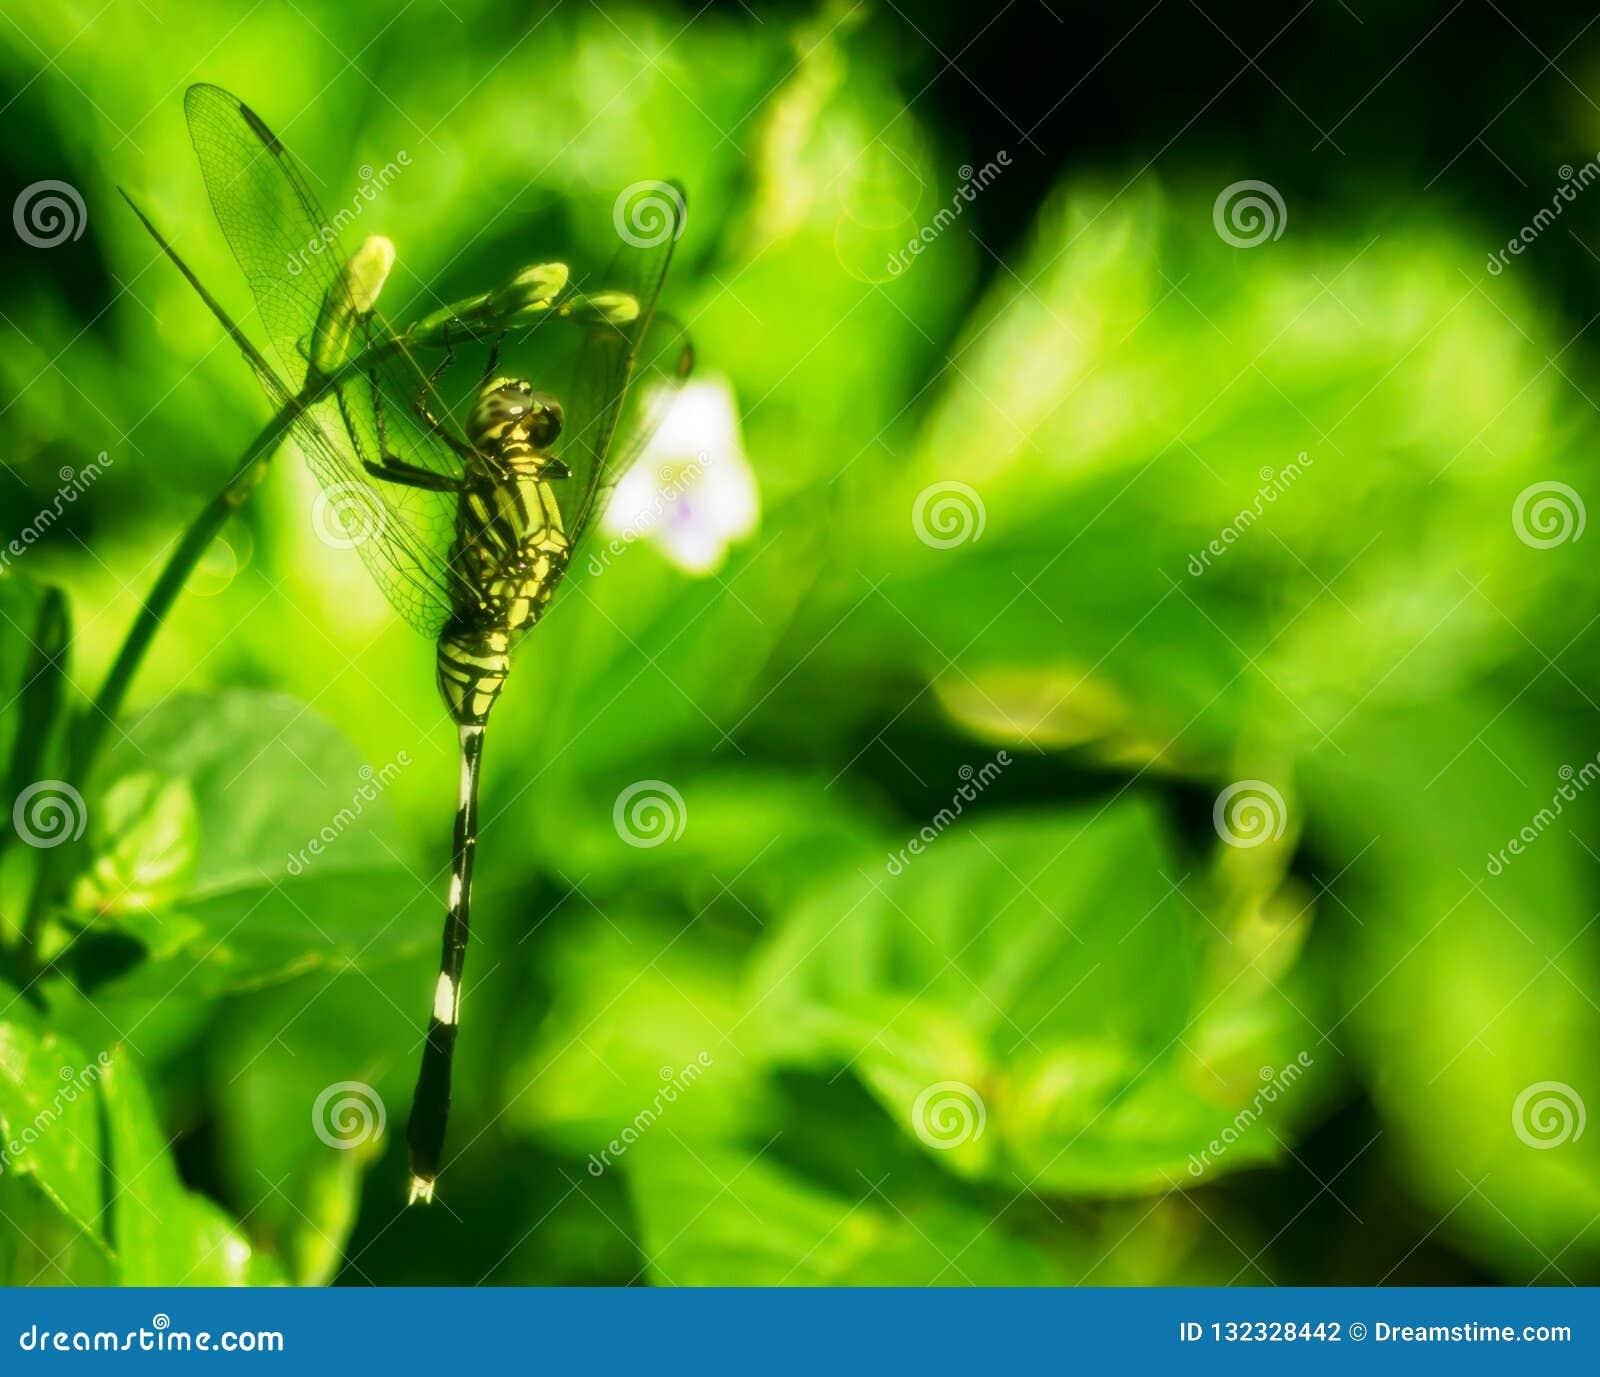 Camuflagem de uma libélula verde